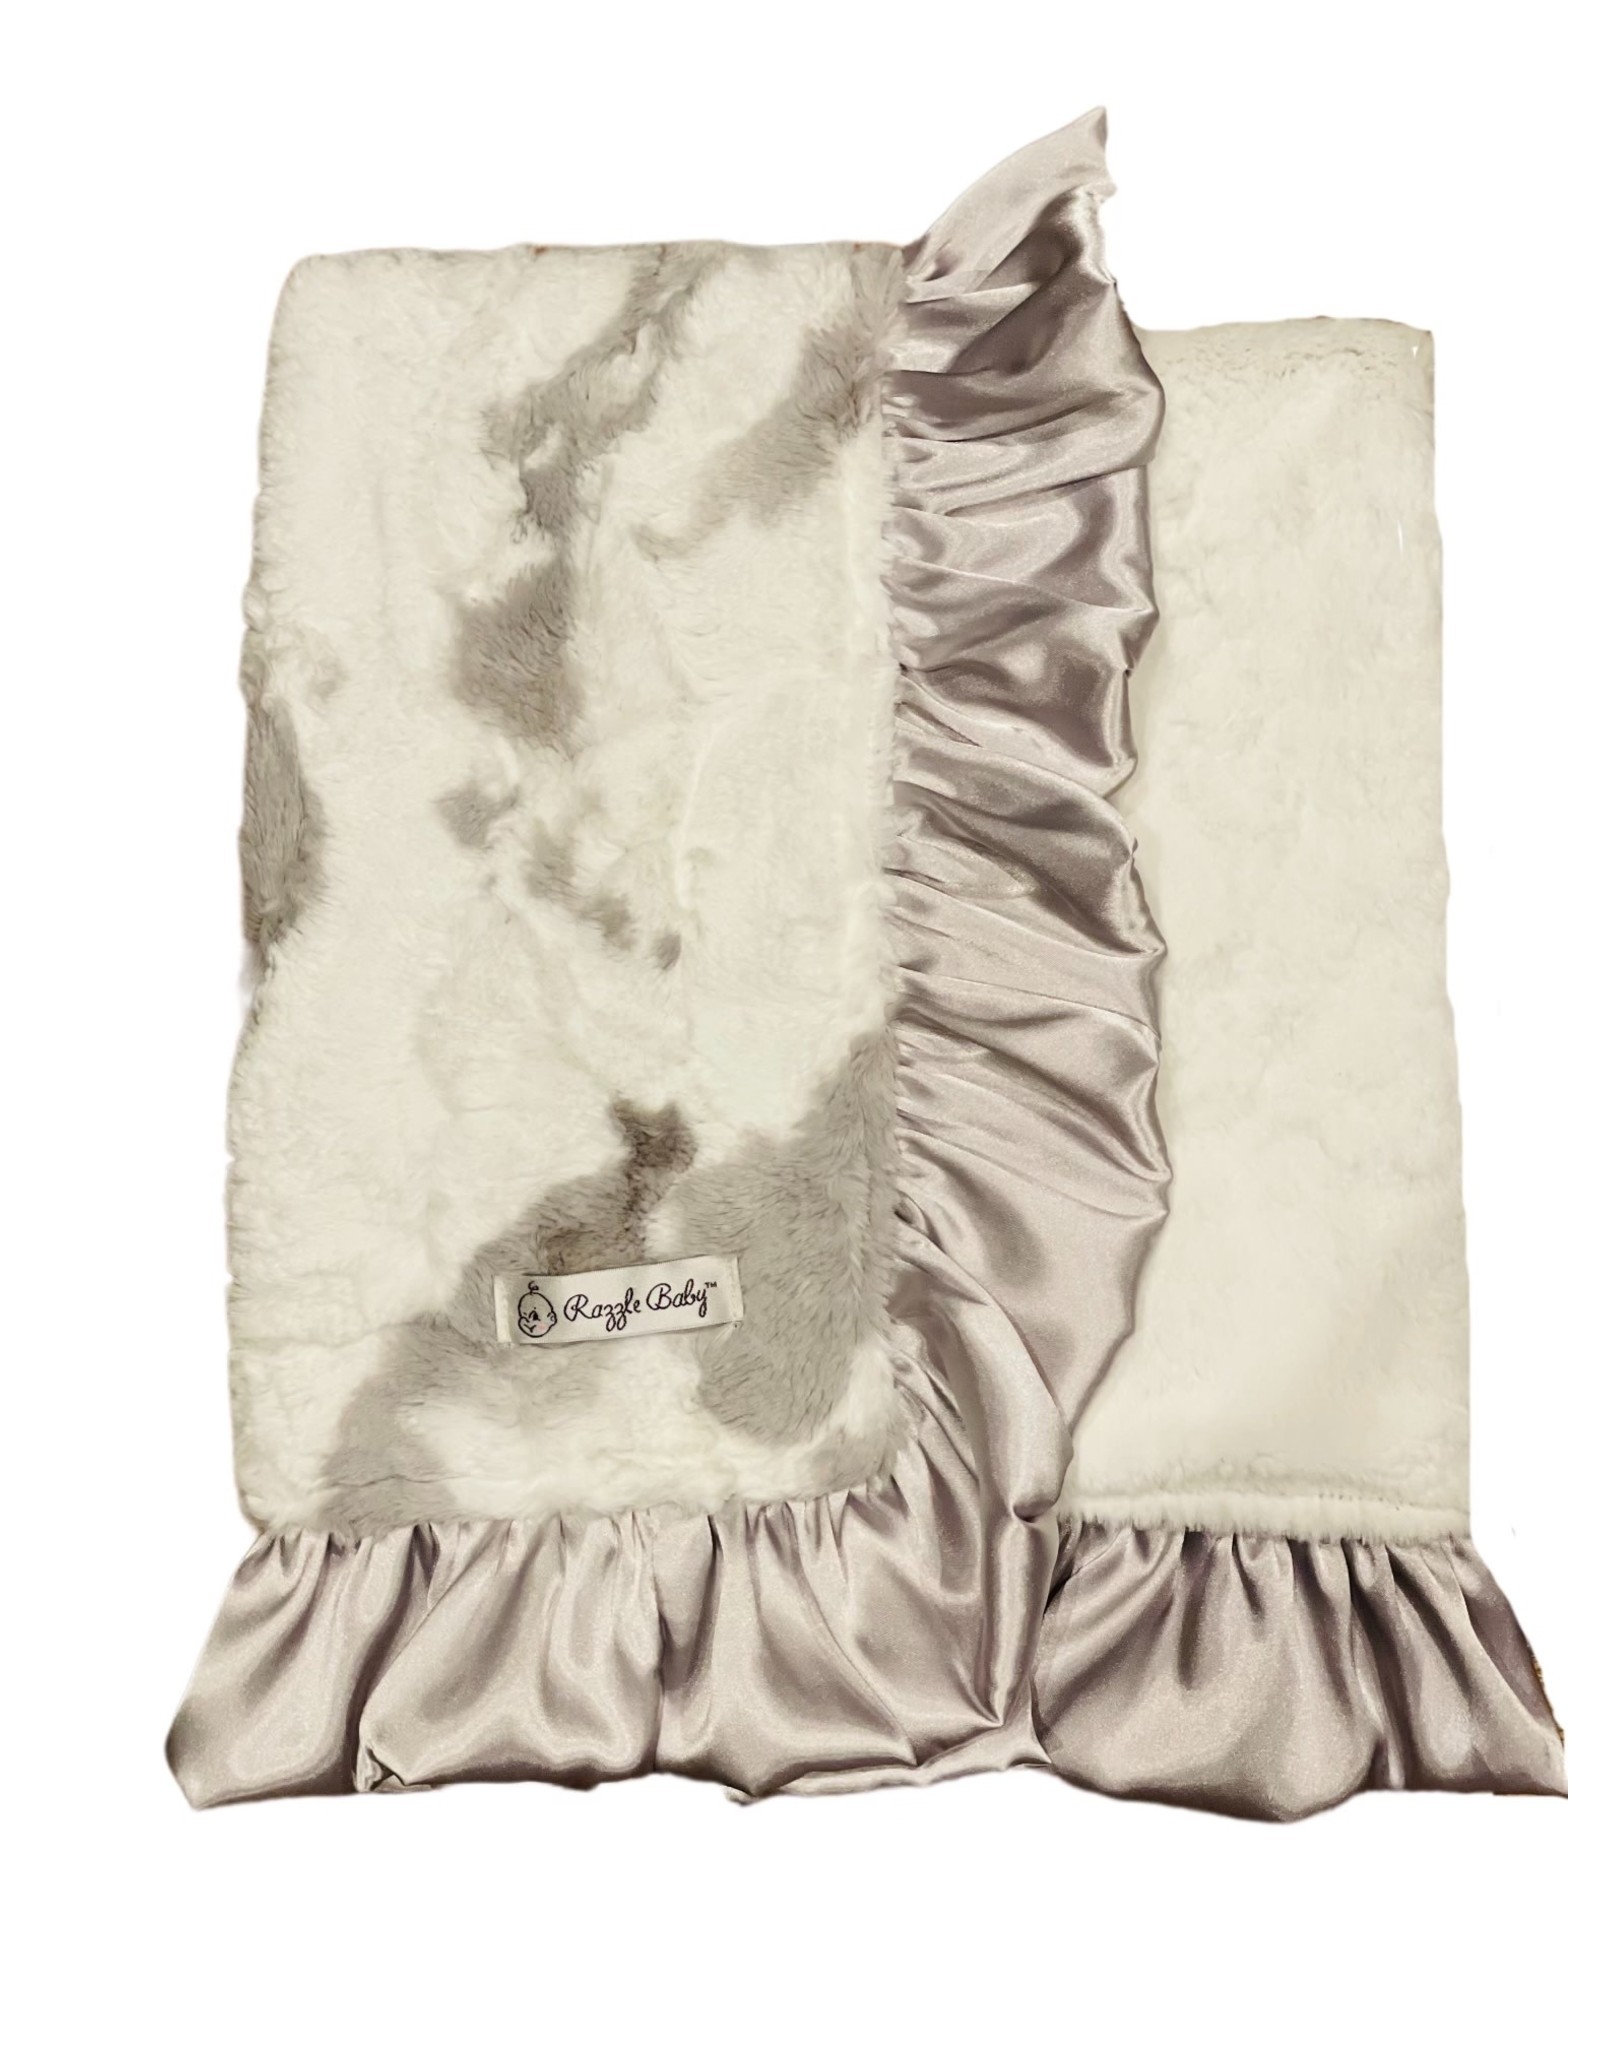 Razzle Baby Razzle Baby- Double Plush Grey Calf Blanket